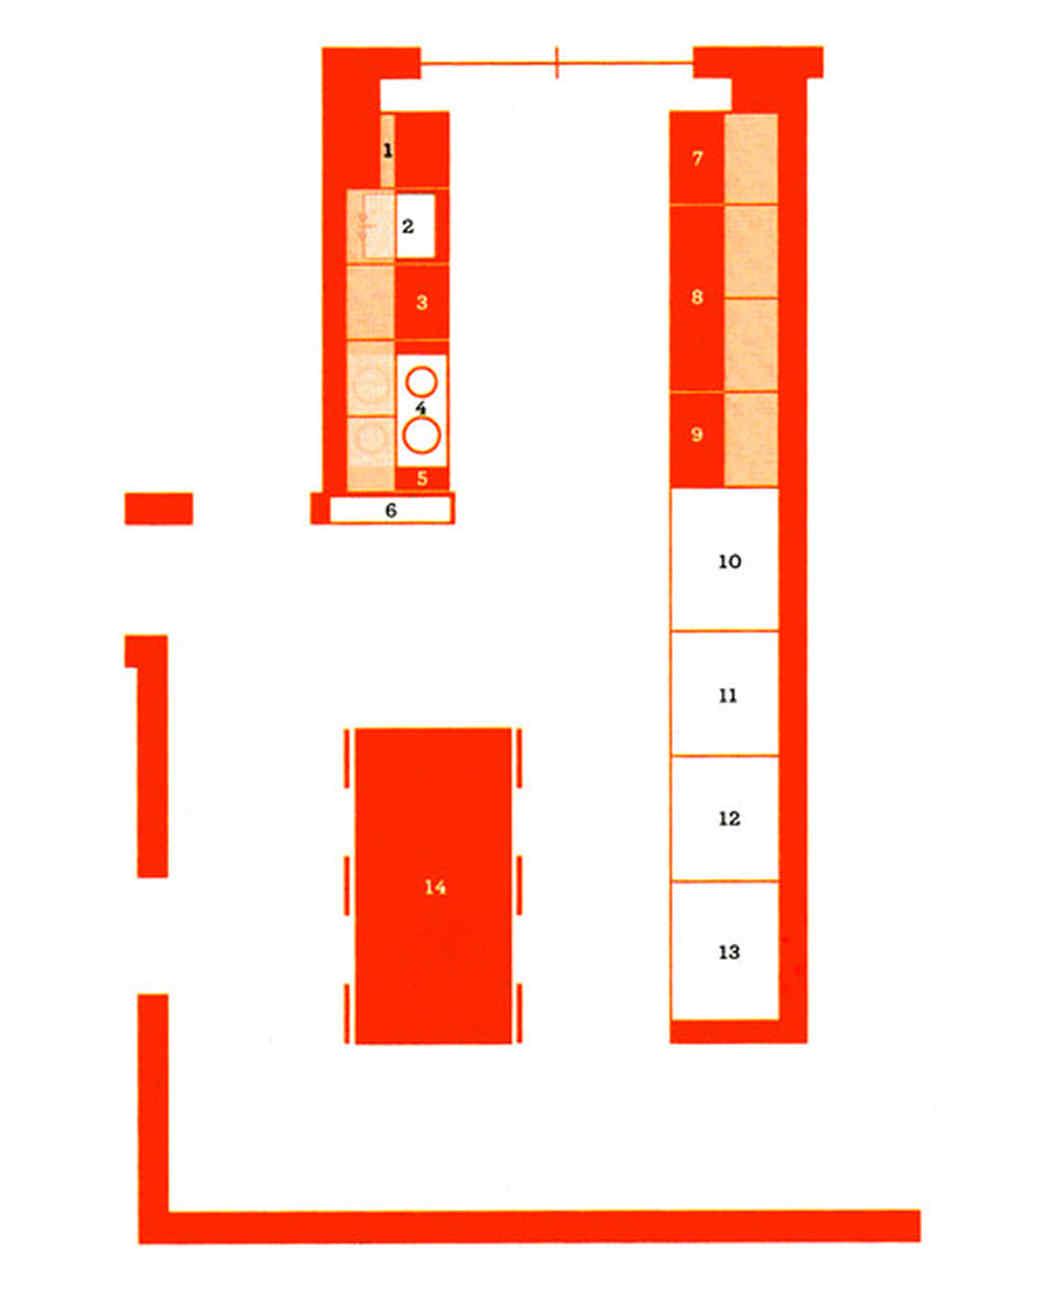 msl_jan08_floorplan037.jpg